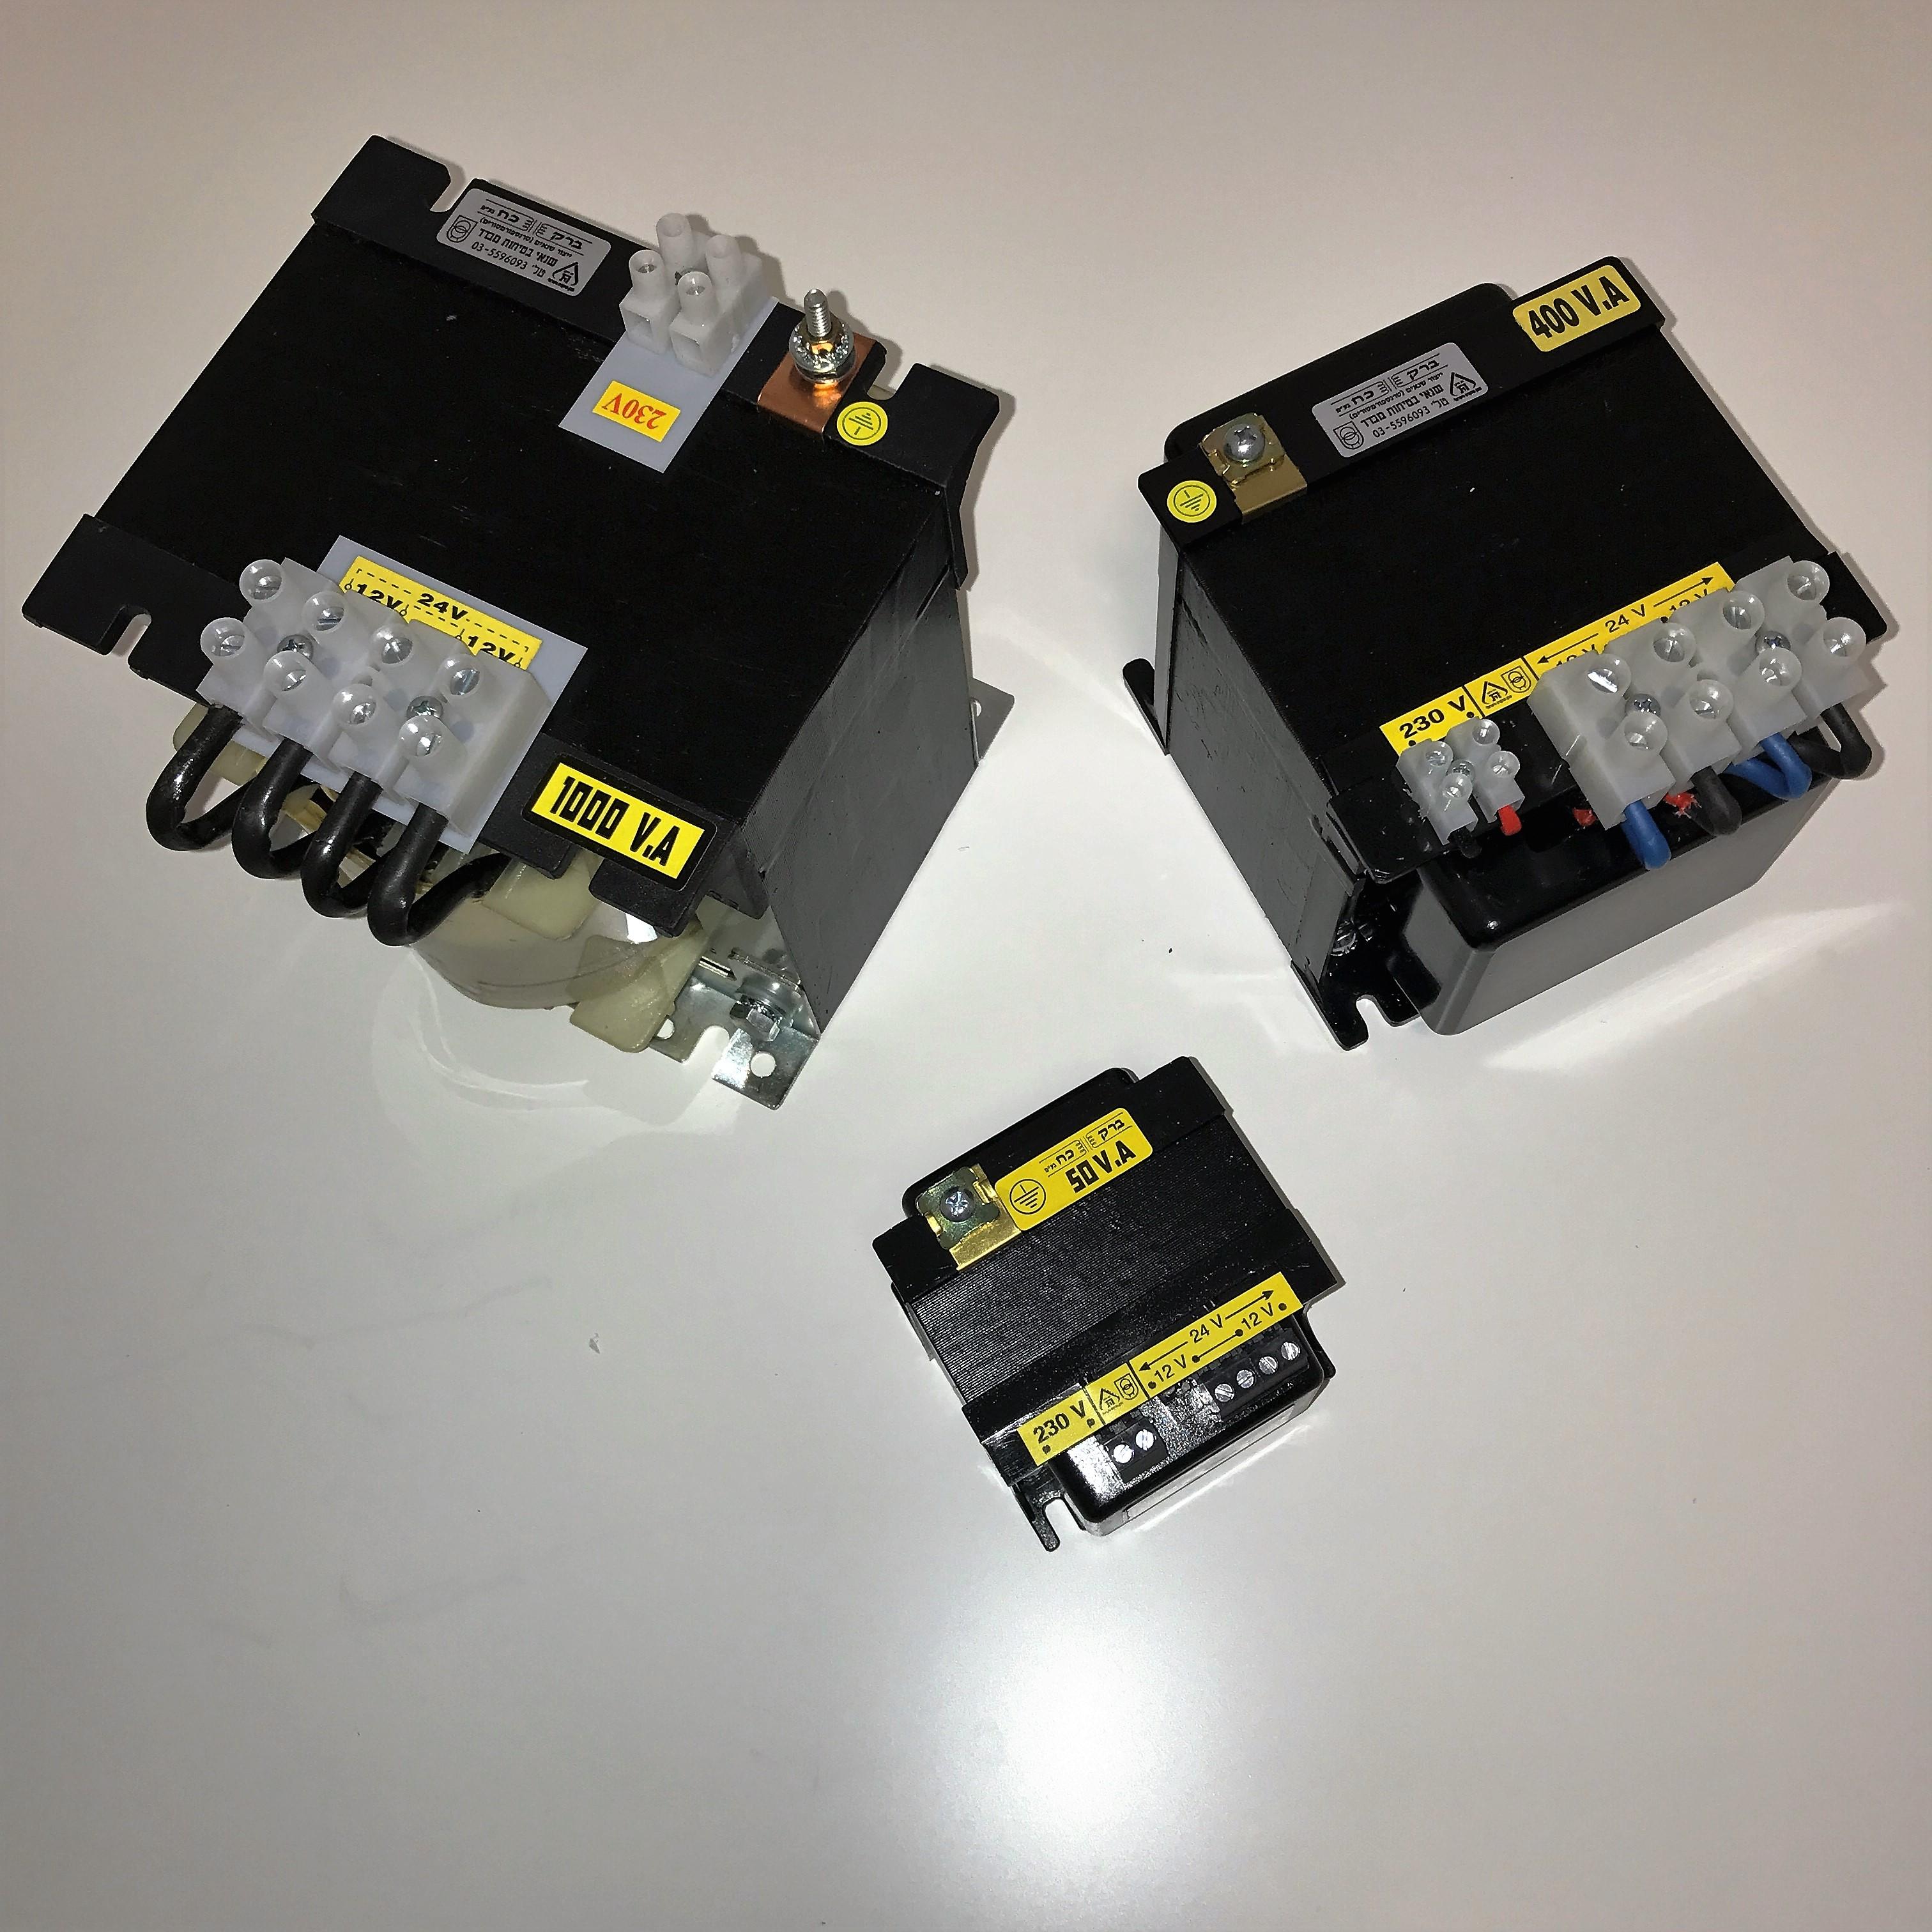 שנאי מבדל בהספק 3000VA במתחים 230V-24V